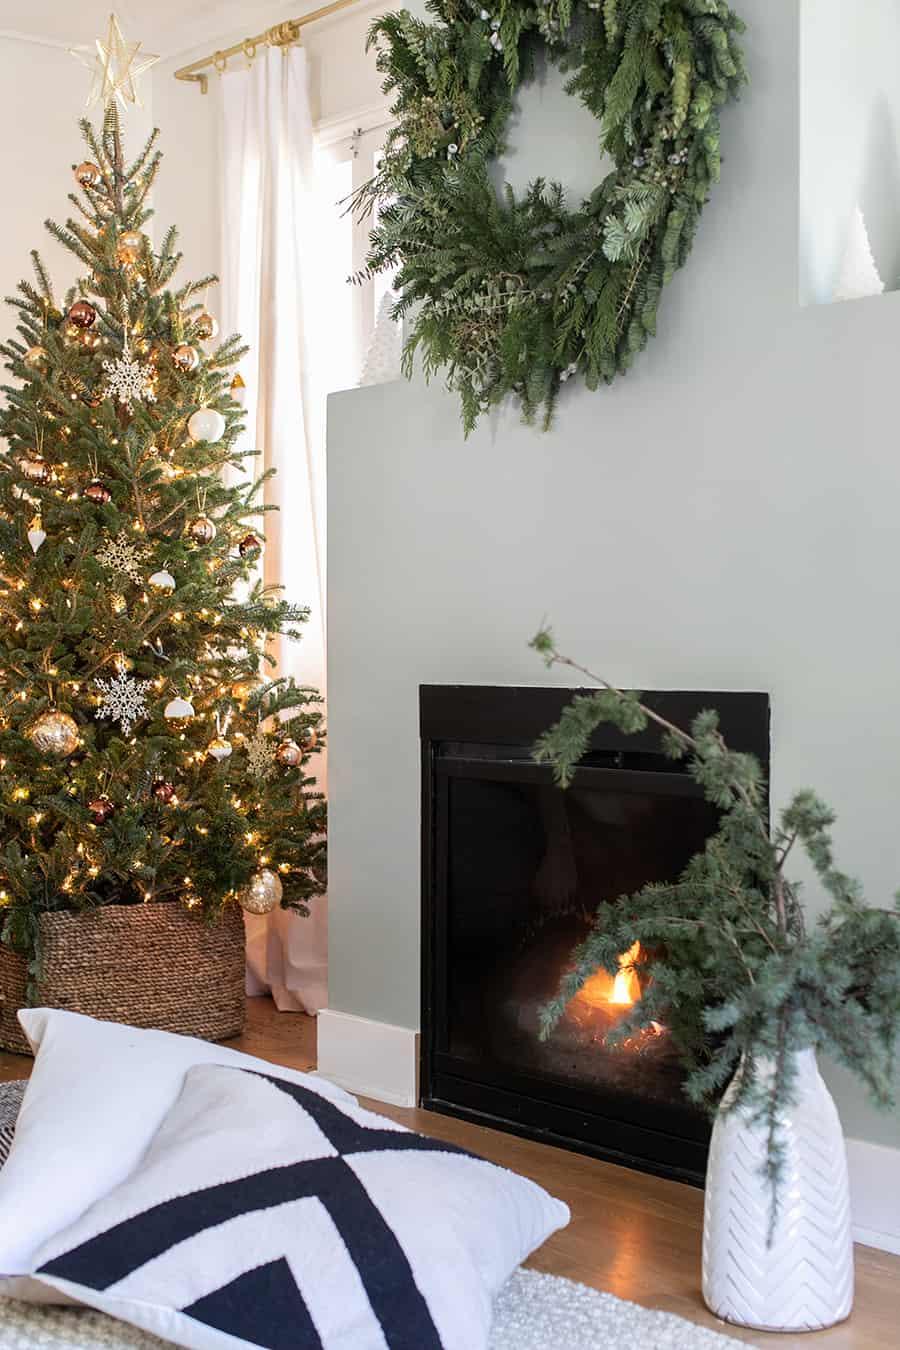 Living Room Christmas Decorations.Christmas Living Room Decor Sugar And Charm